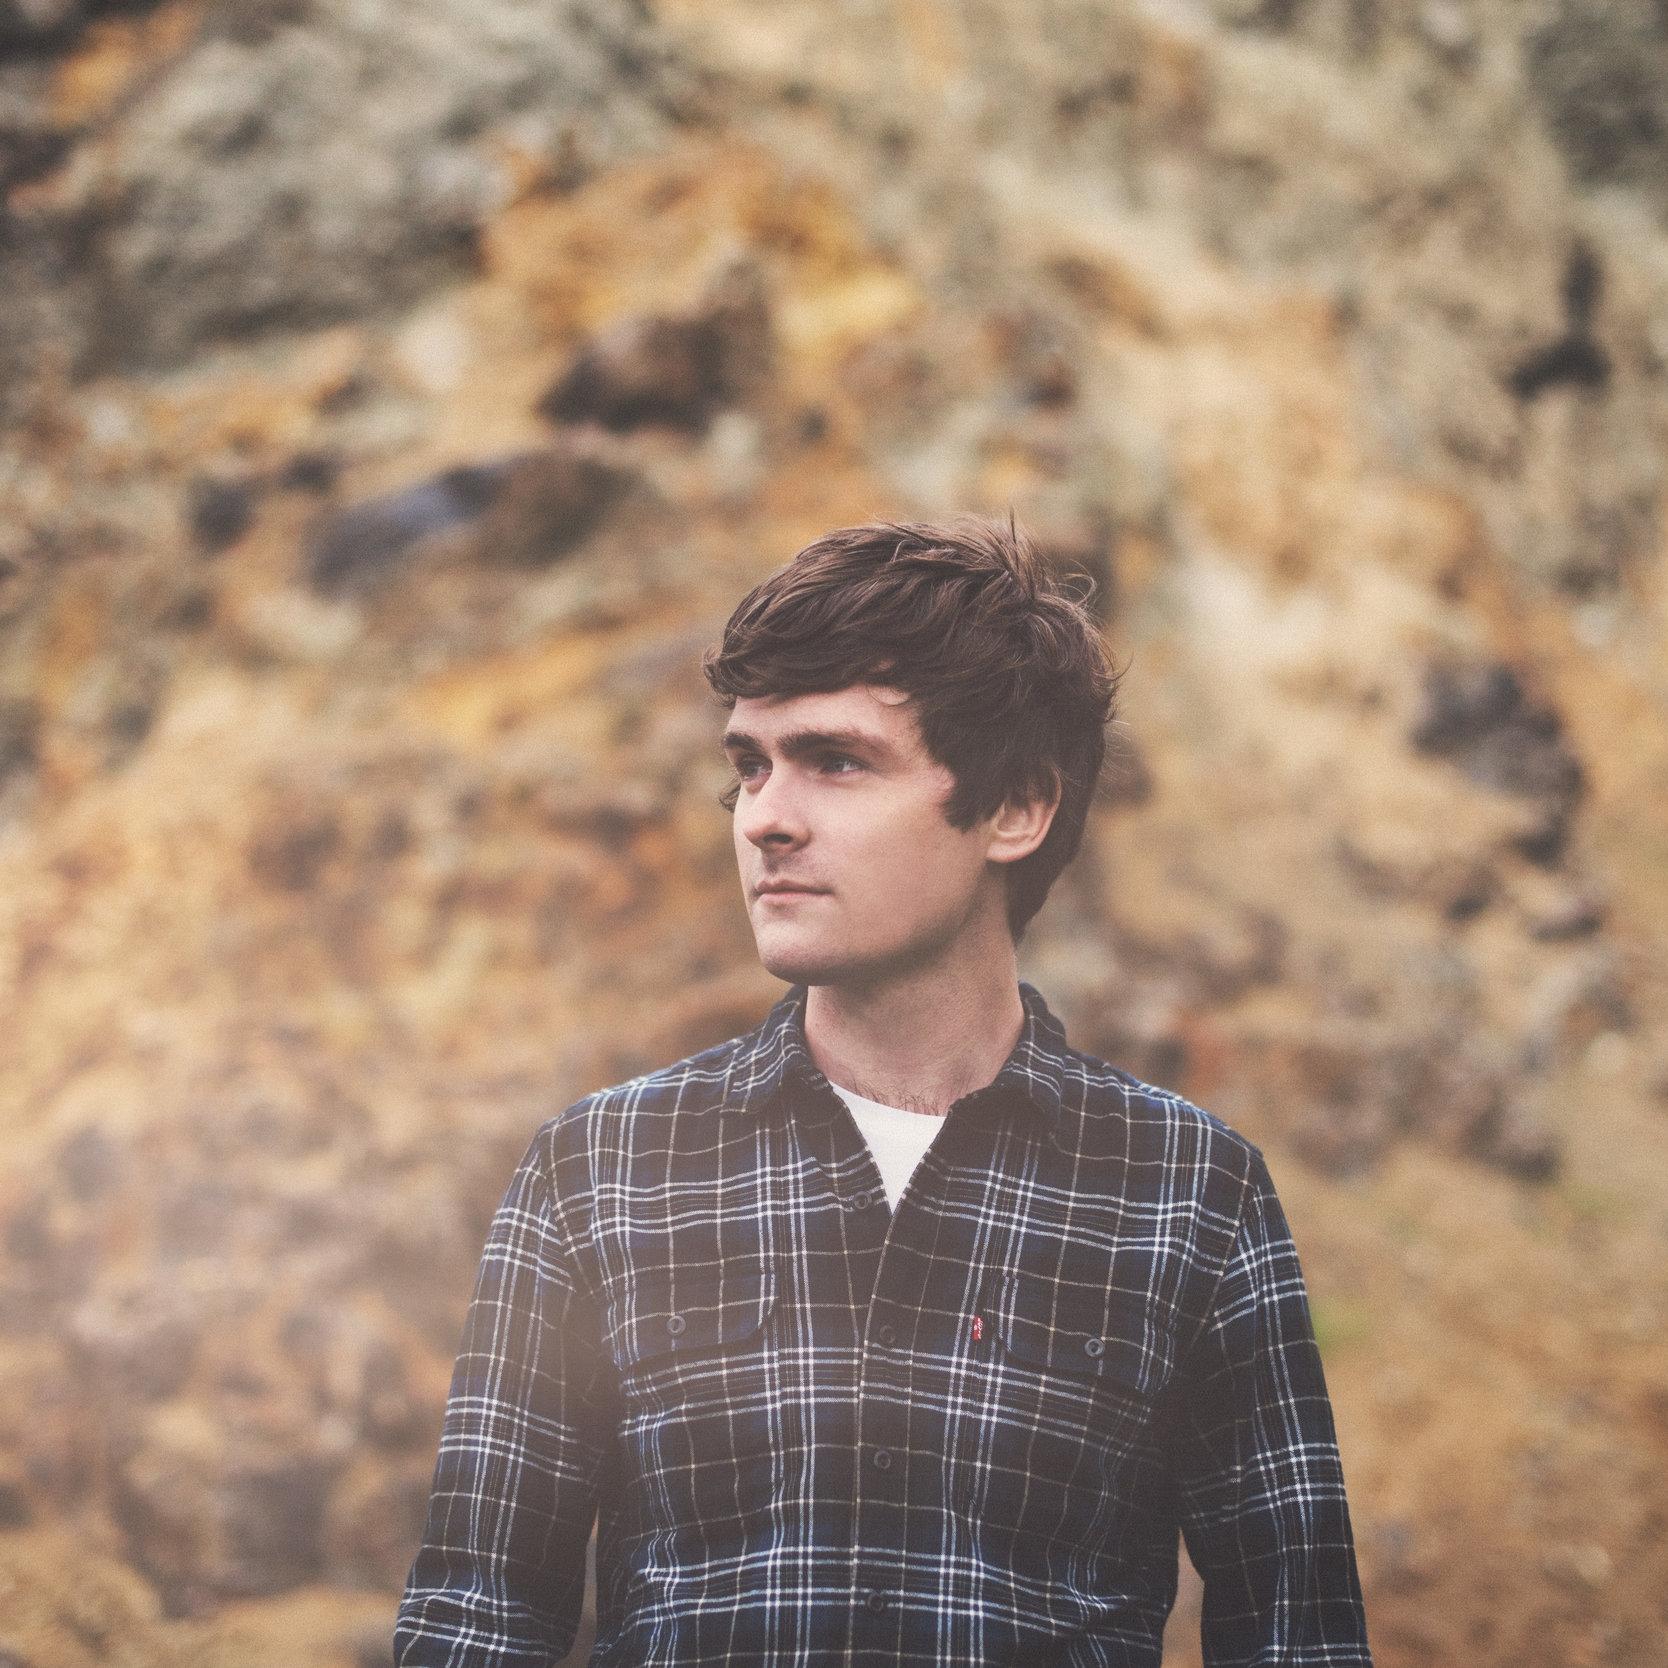 Tom speight - Signed to: Kobalt Music